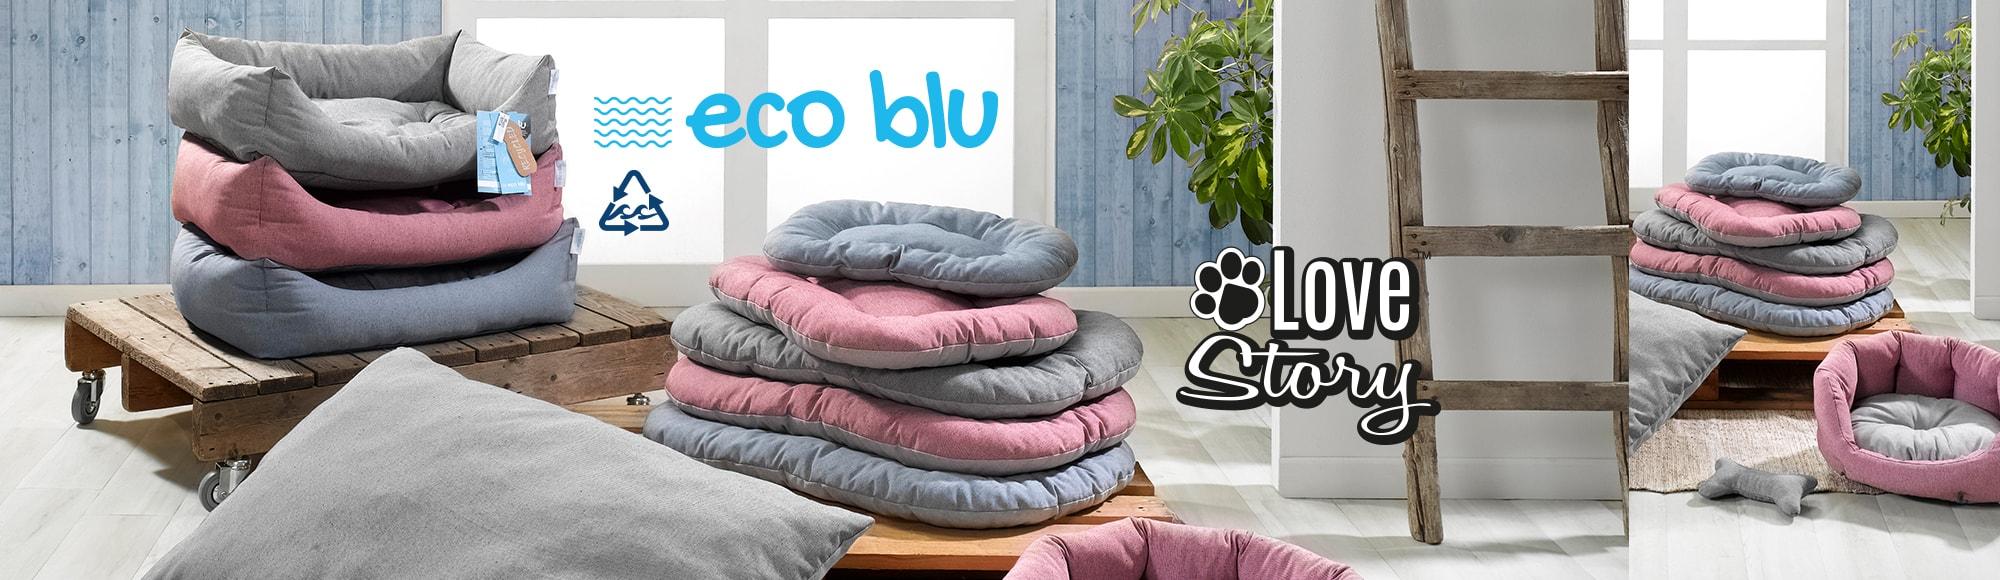 U10 - Fournisseur en décoration d'intérieur - marque love story - animalerie - eco blu